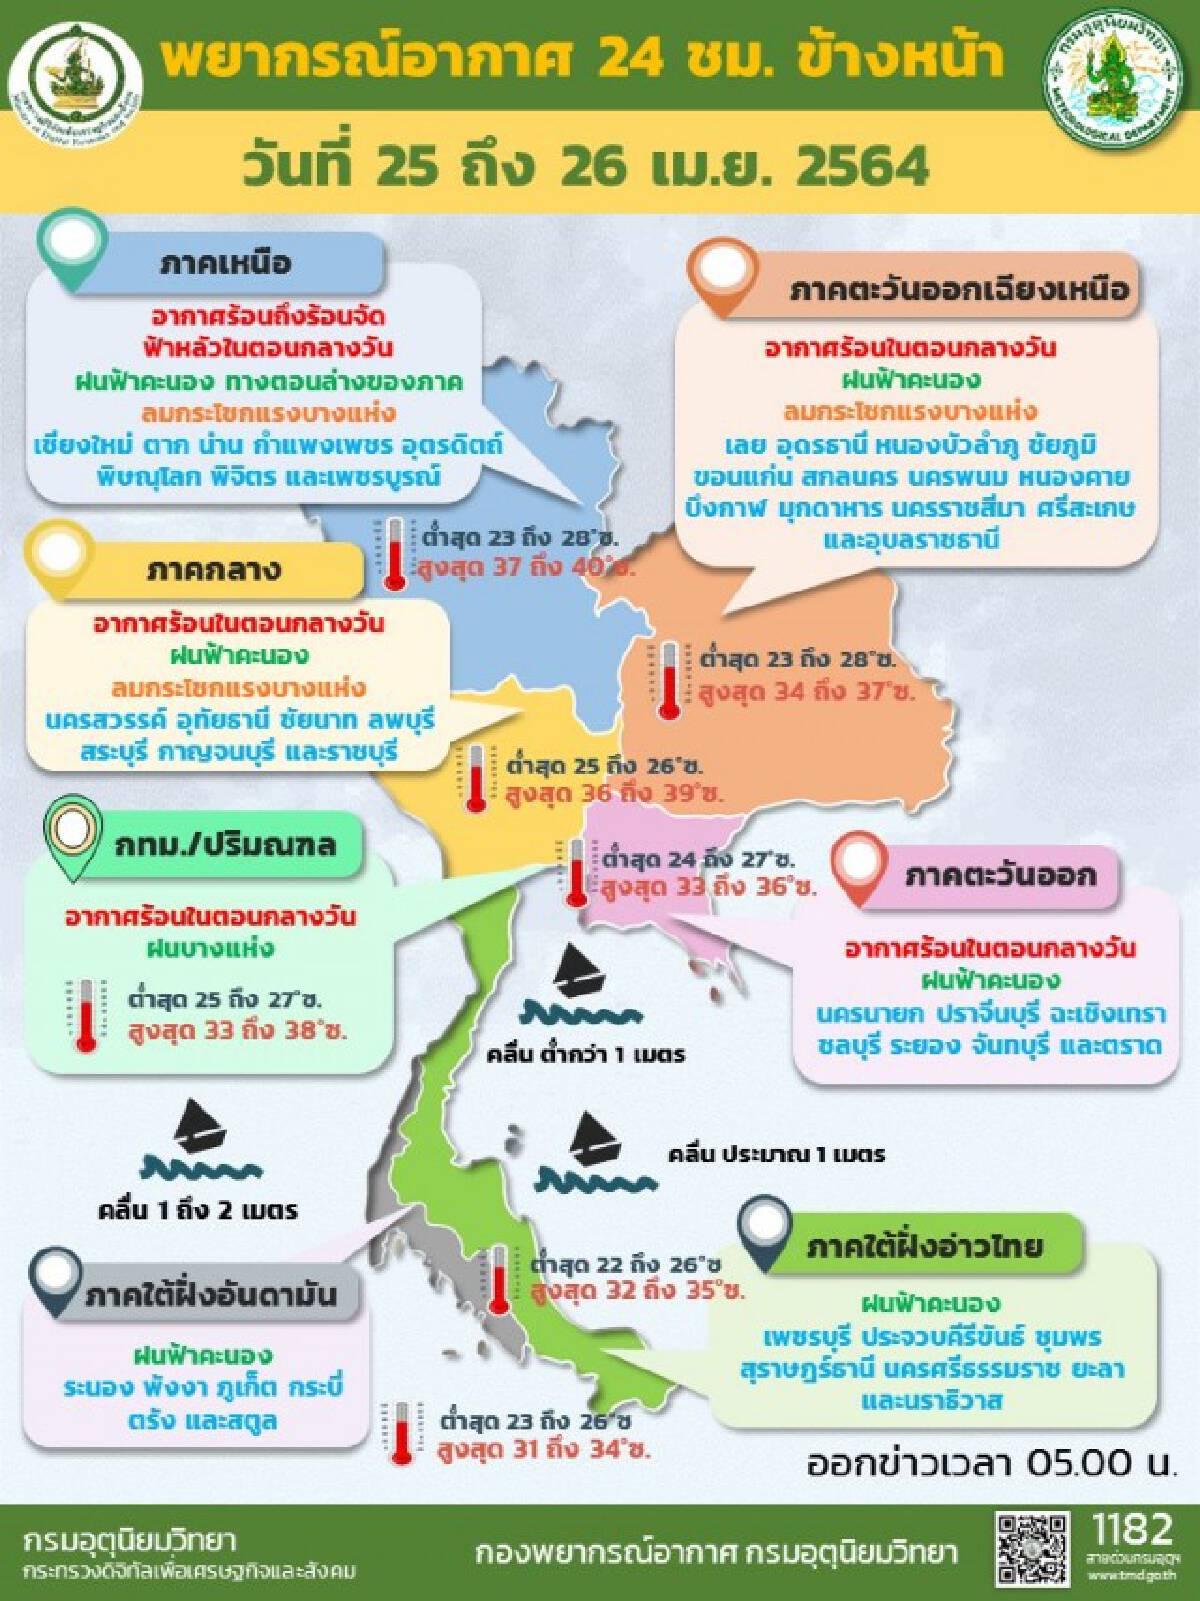 พยากรณ์อากาศวันนี้ เตือนไทยตอนบนรักษาสุขภาพเนื่องจากอากาศร้อนจัด